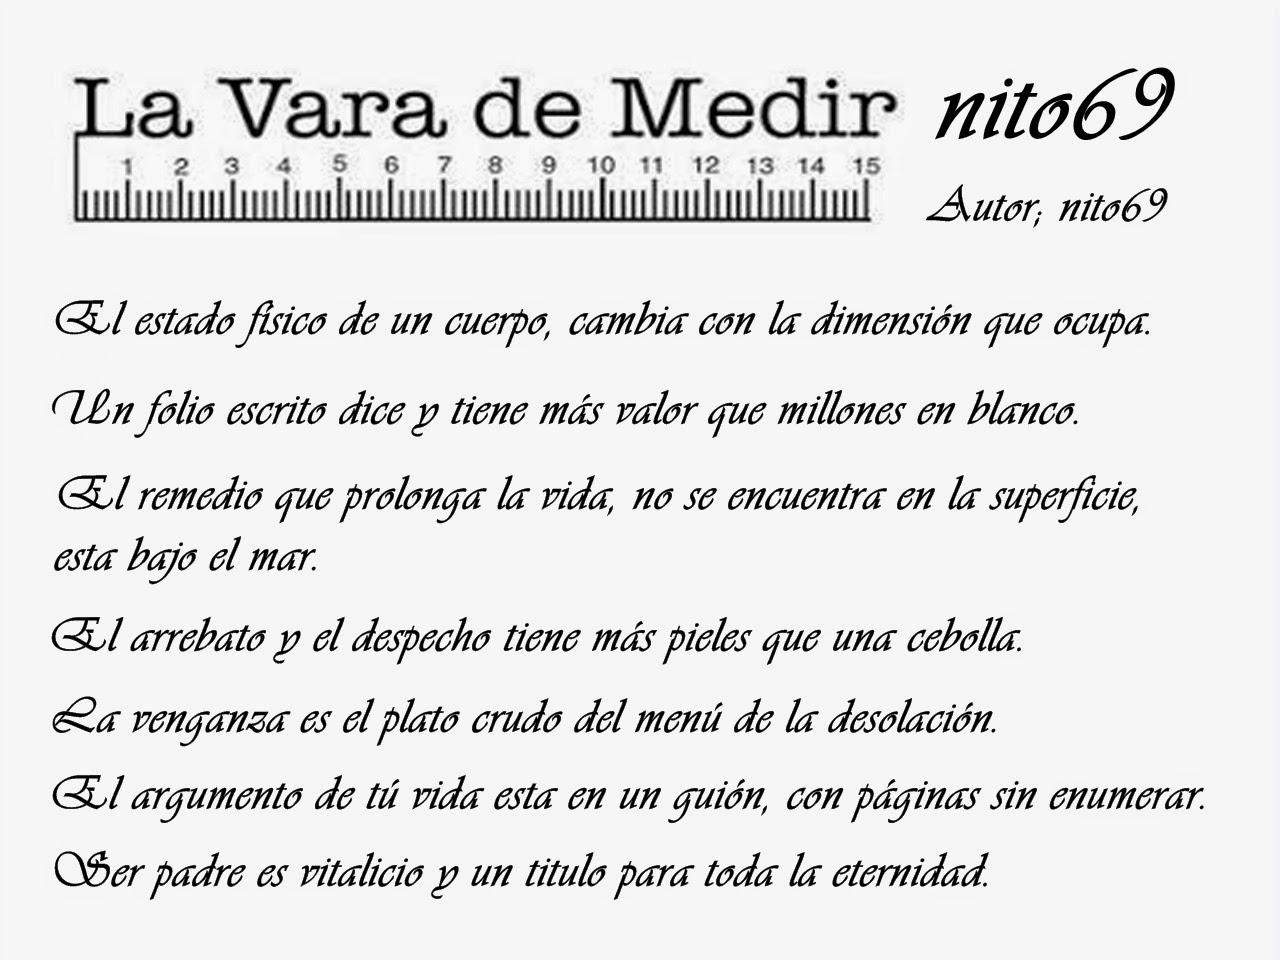 LA VARA DE MEDIR DE nito69